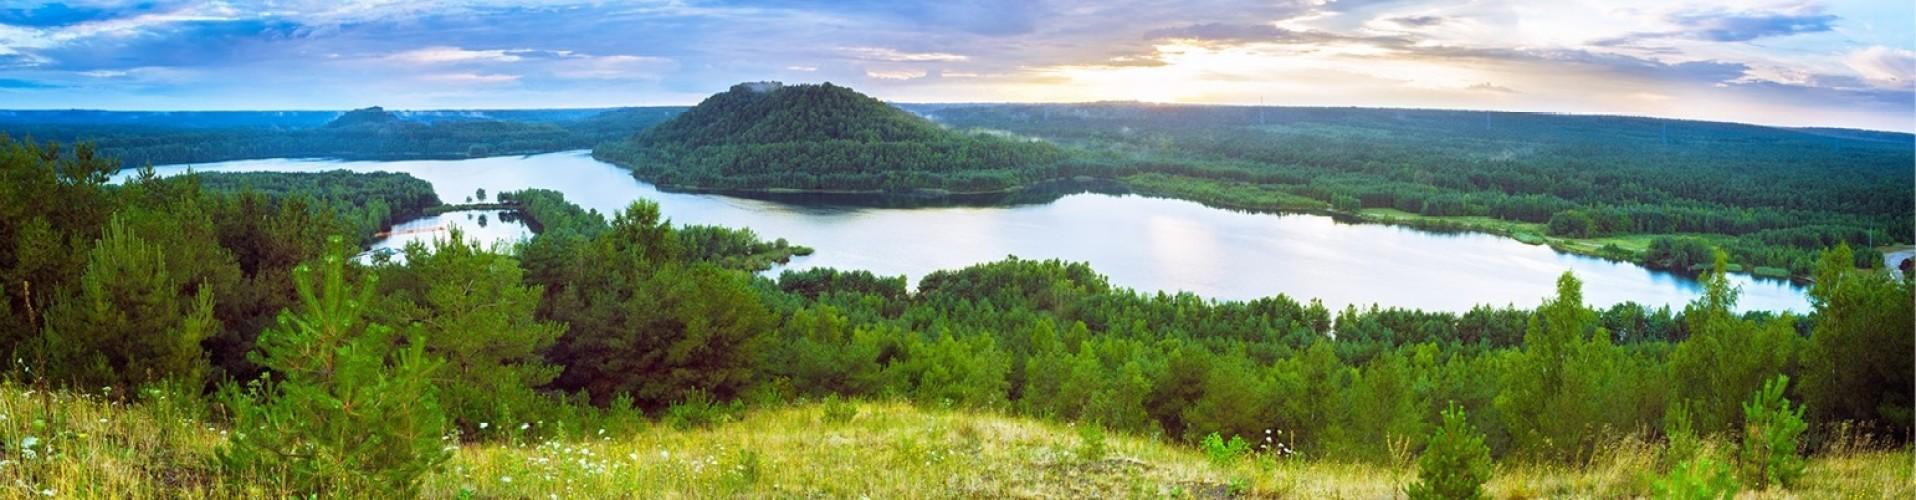 Uitzicht over de bossen en het water van de ardennen